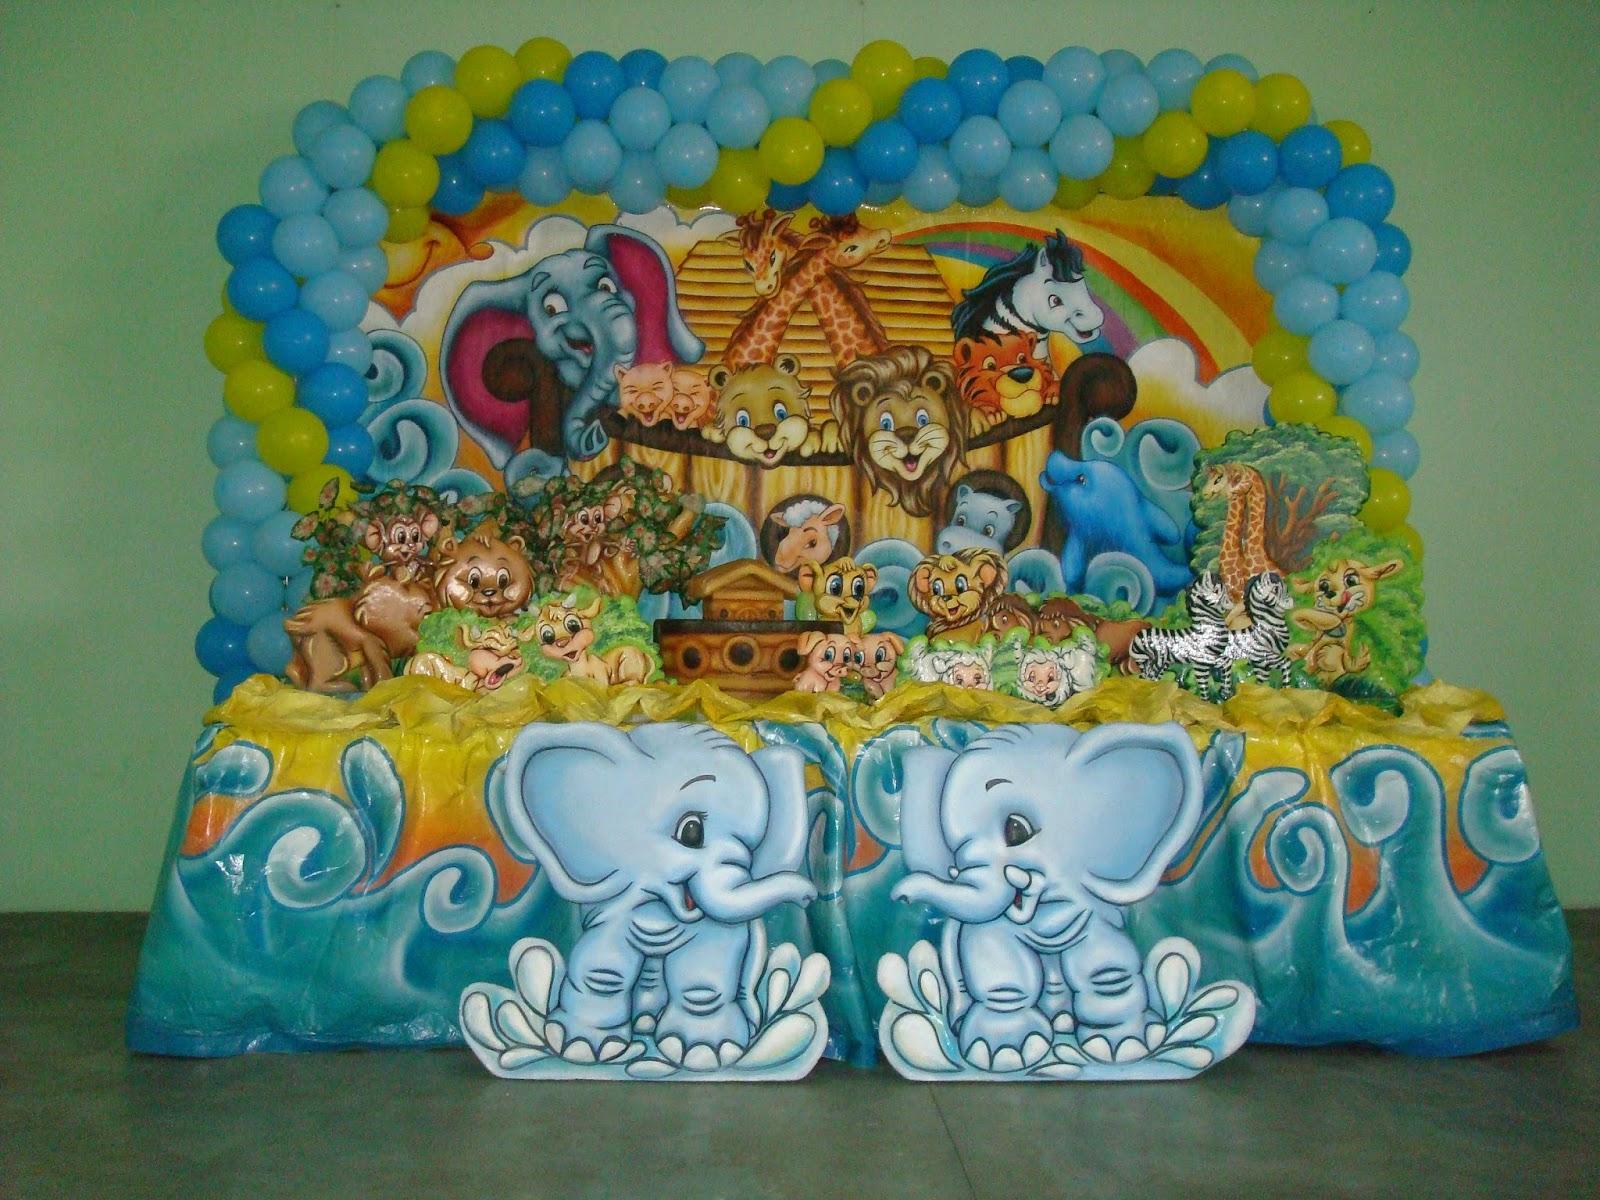 decoracao festa xuxinha:JACKYE FESTAS DECORAÇÕES PROVENÇAIS EM SAO JOSE DOS CAMPOS: ARCA DE